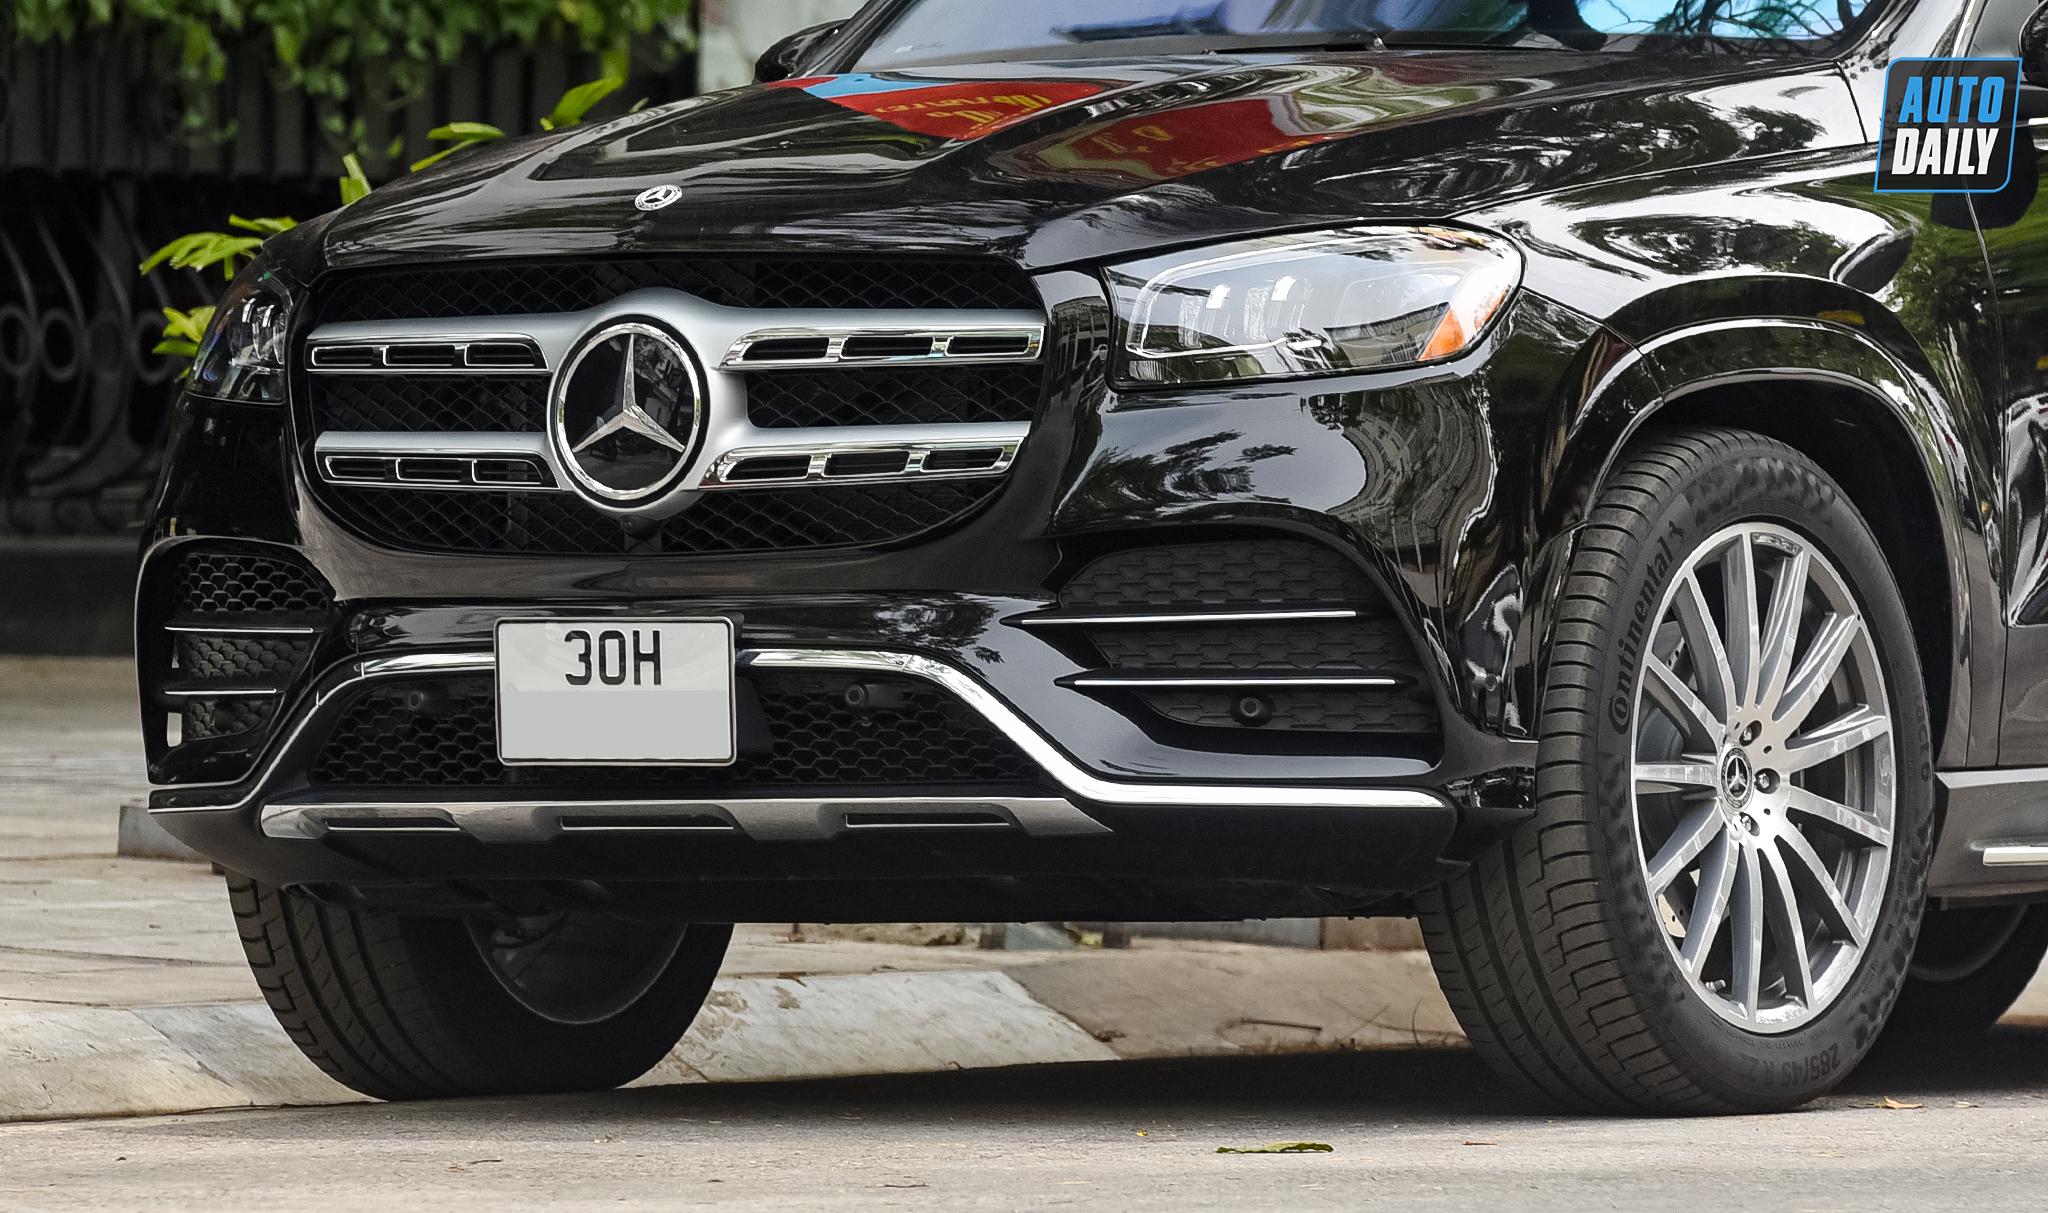 Hàng hiếm Mercedes-Benz GLS 580 4Matic 2021 giá hơn 9 tỷ tại Hà Nội adt-2598-copy.jpg